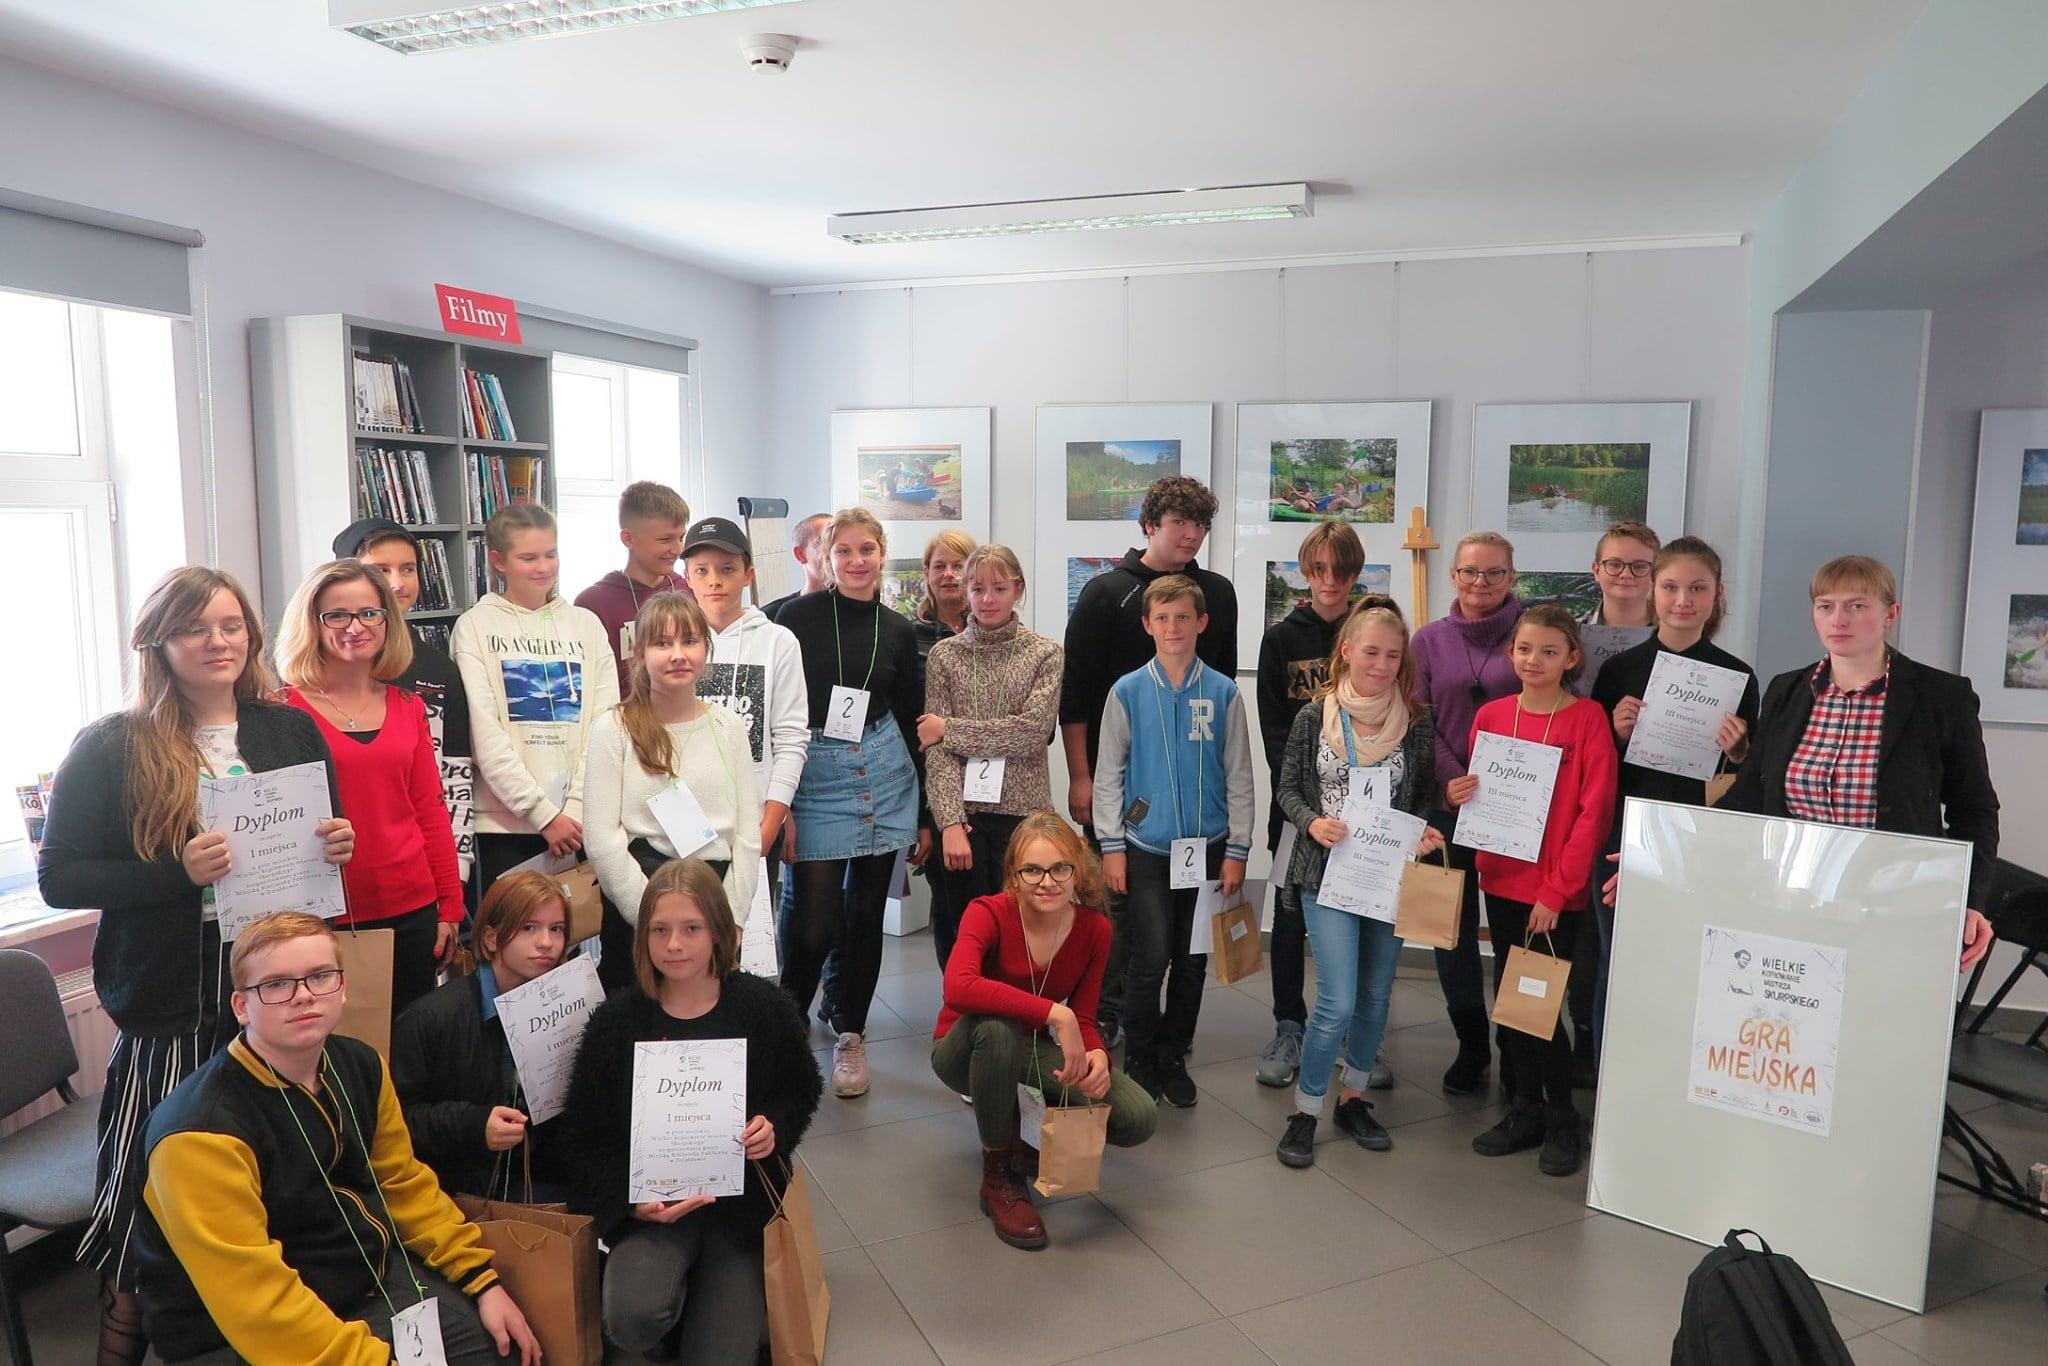 Wnętrze biblioteki,mediateka. Uczniowie SP nr 2 z dyplomami za udział w grze miejskiej wraz z bibliotekarką Małgorzatą Trąmpczyńską.